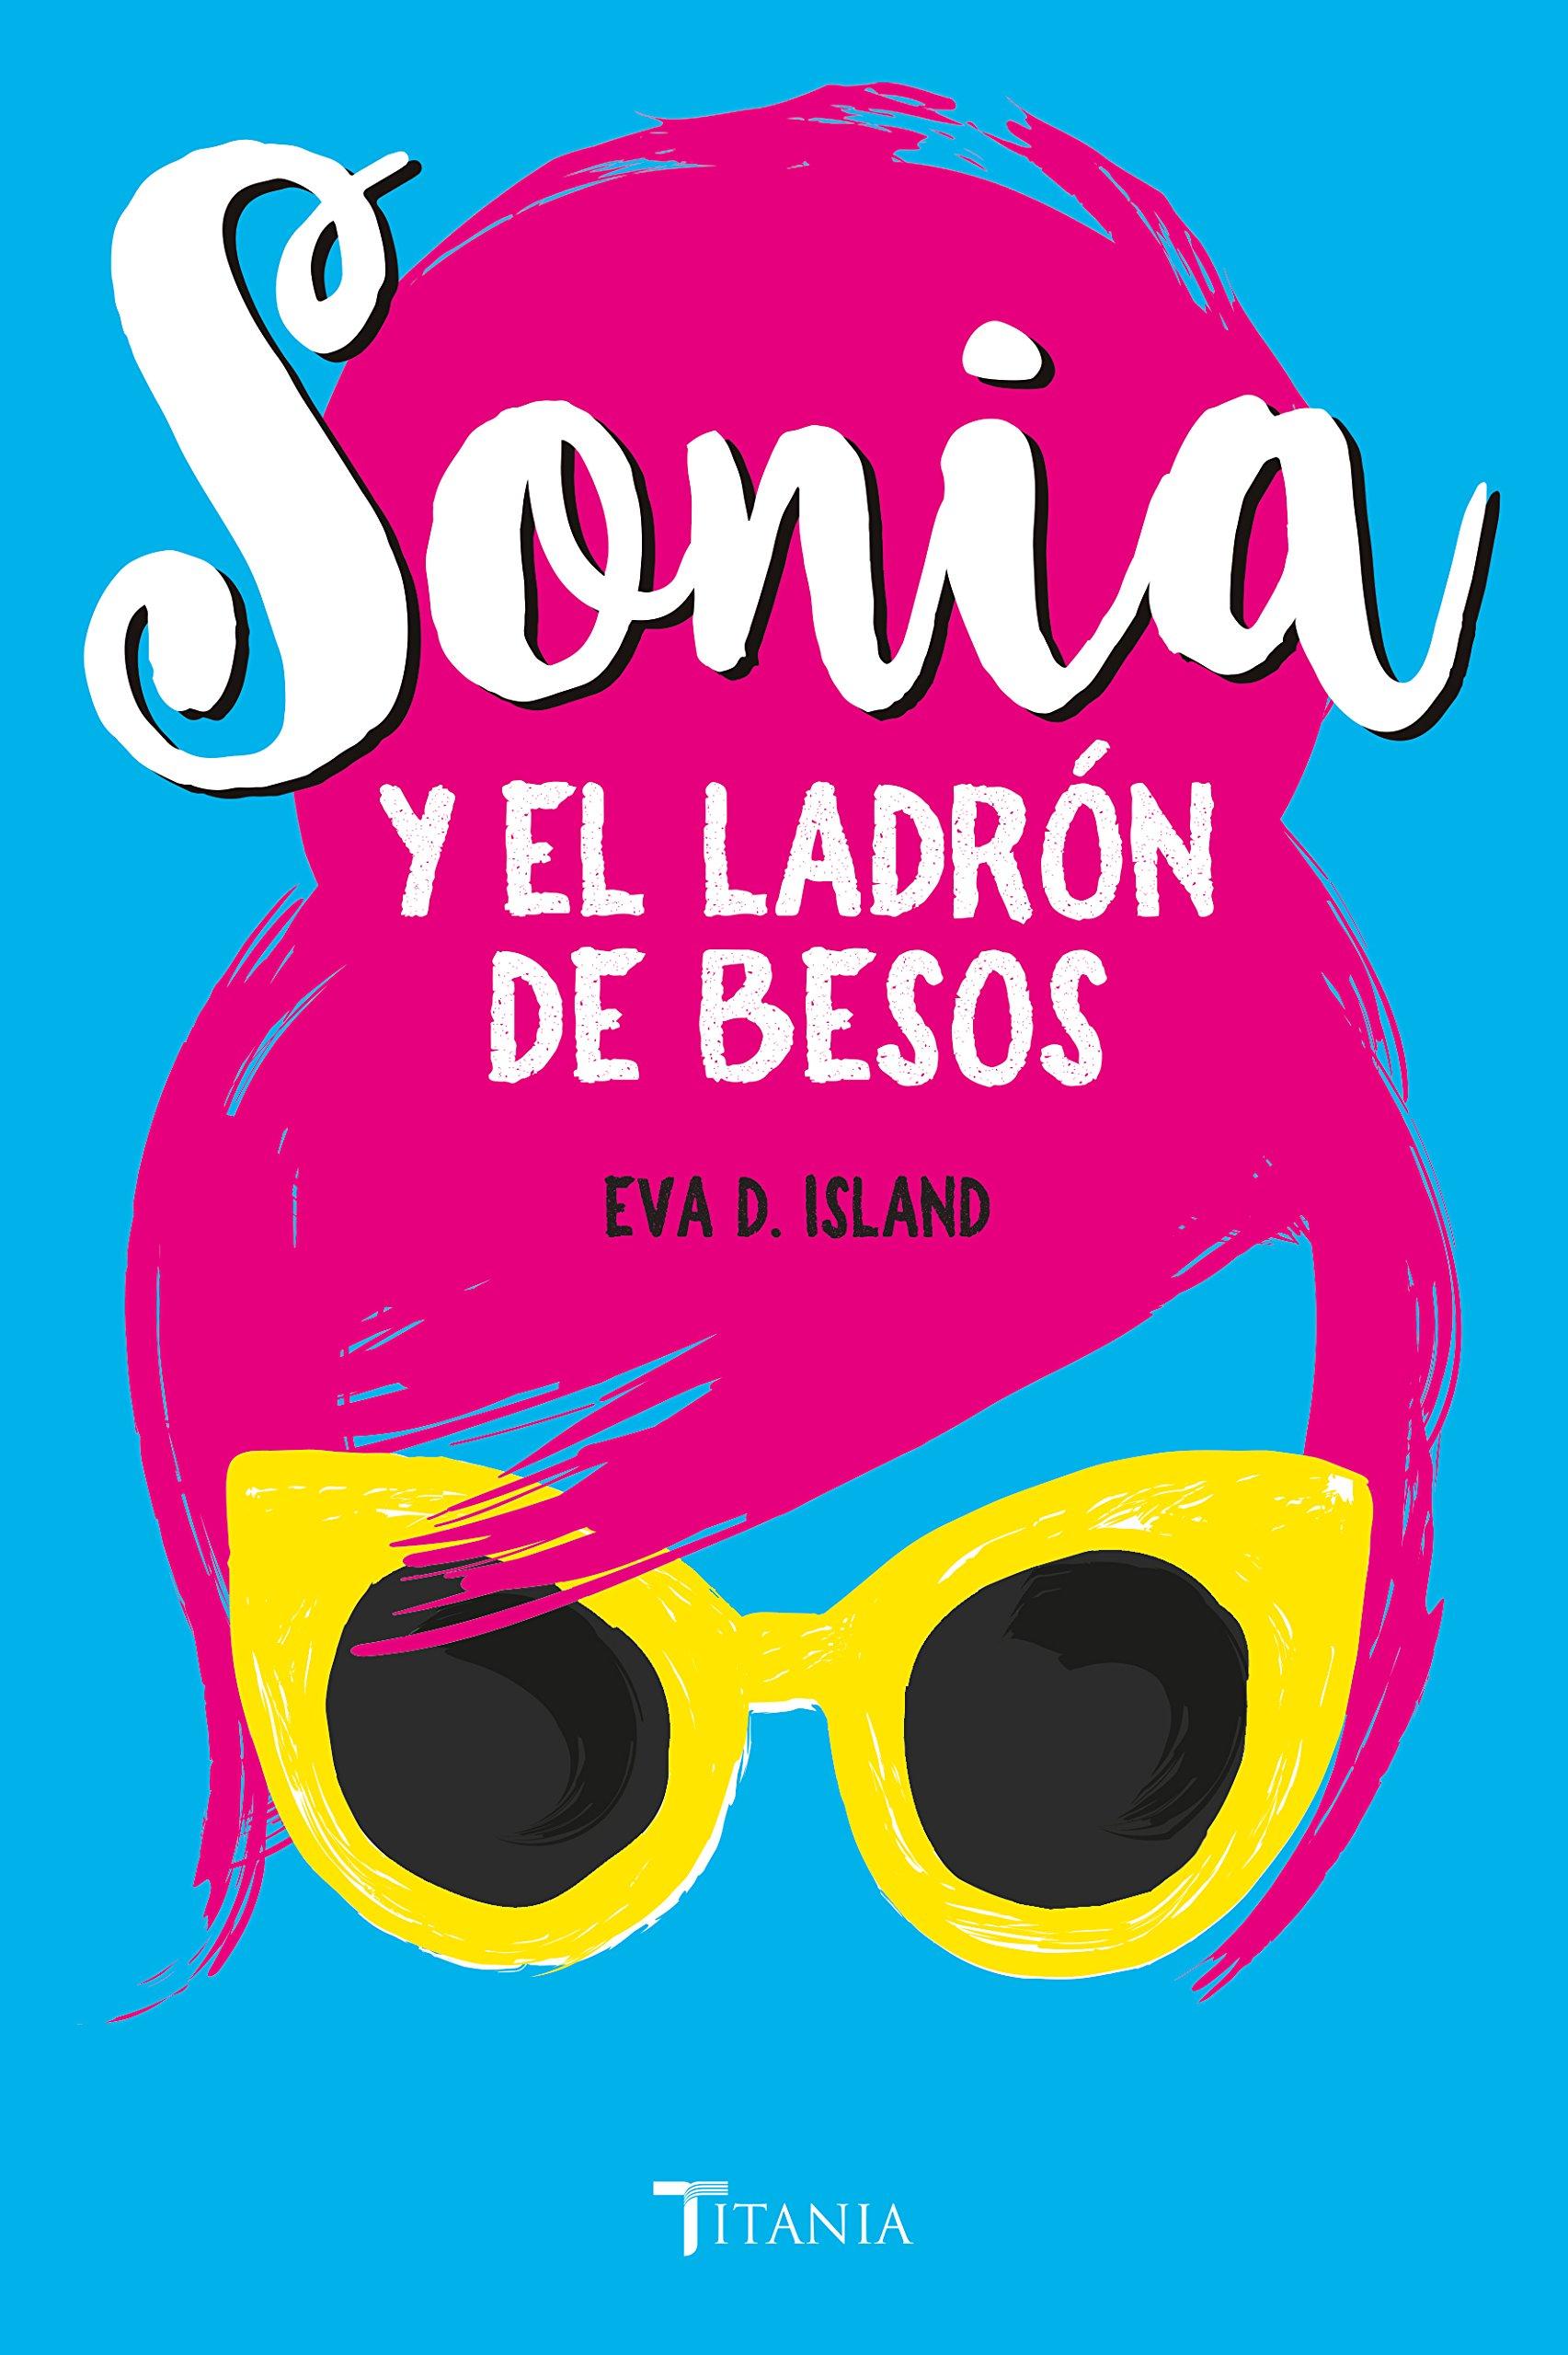 Sonia y el ladron de besos (Spanish Edition) (Spanish) Paperback – June 30, 2018